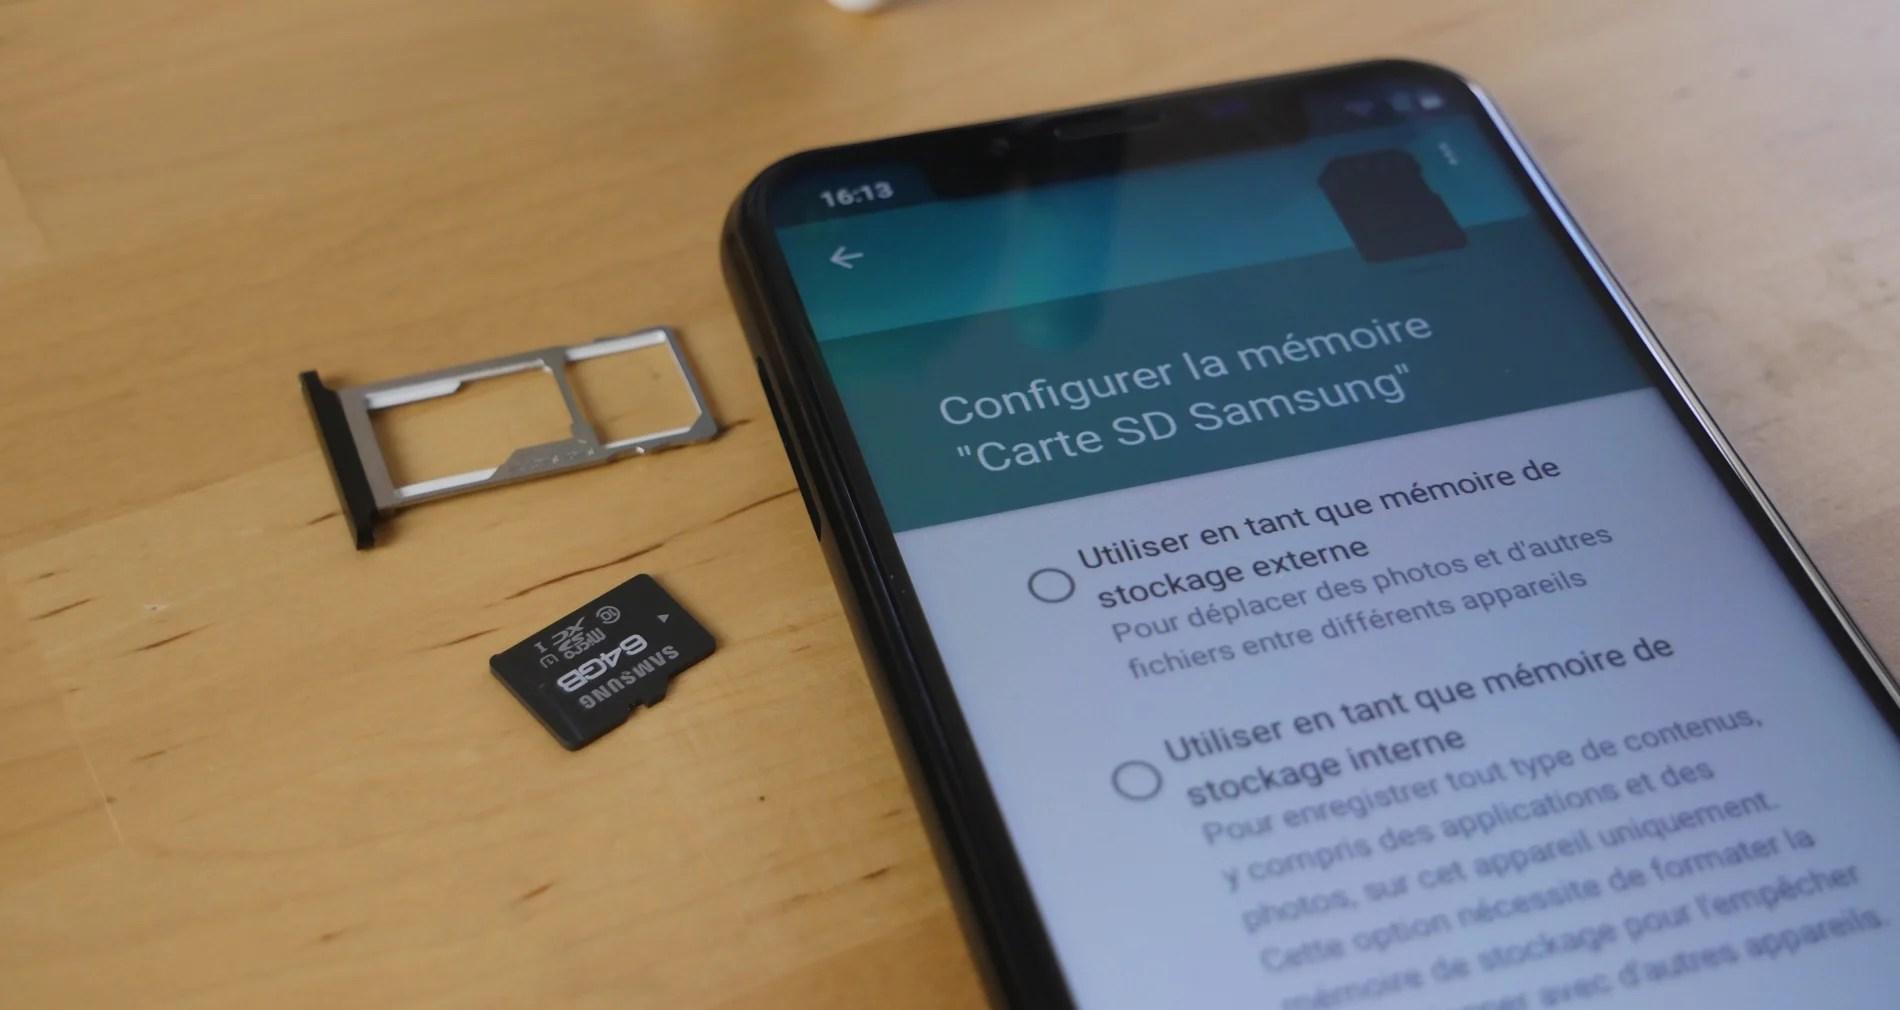 Samsung Galaxy One UI : les cartes SD seraient mieux intégrées sous Android 9.0 Pie